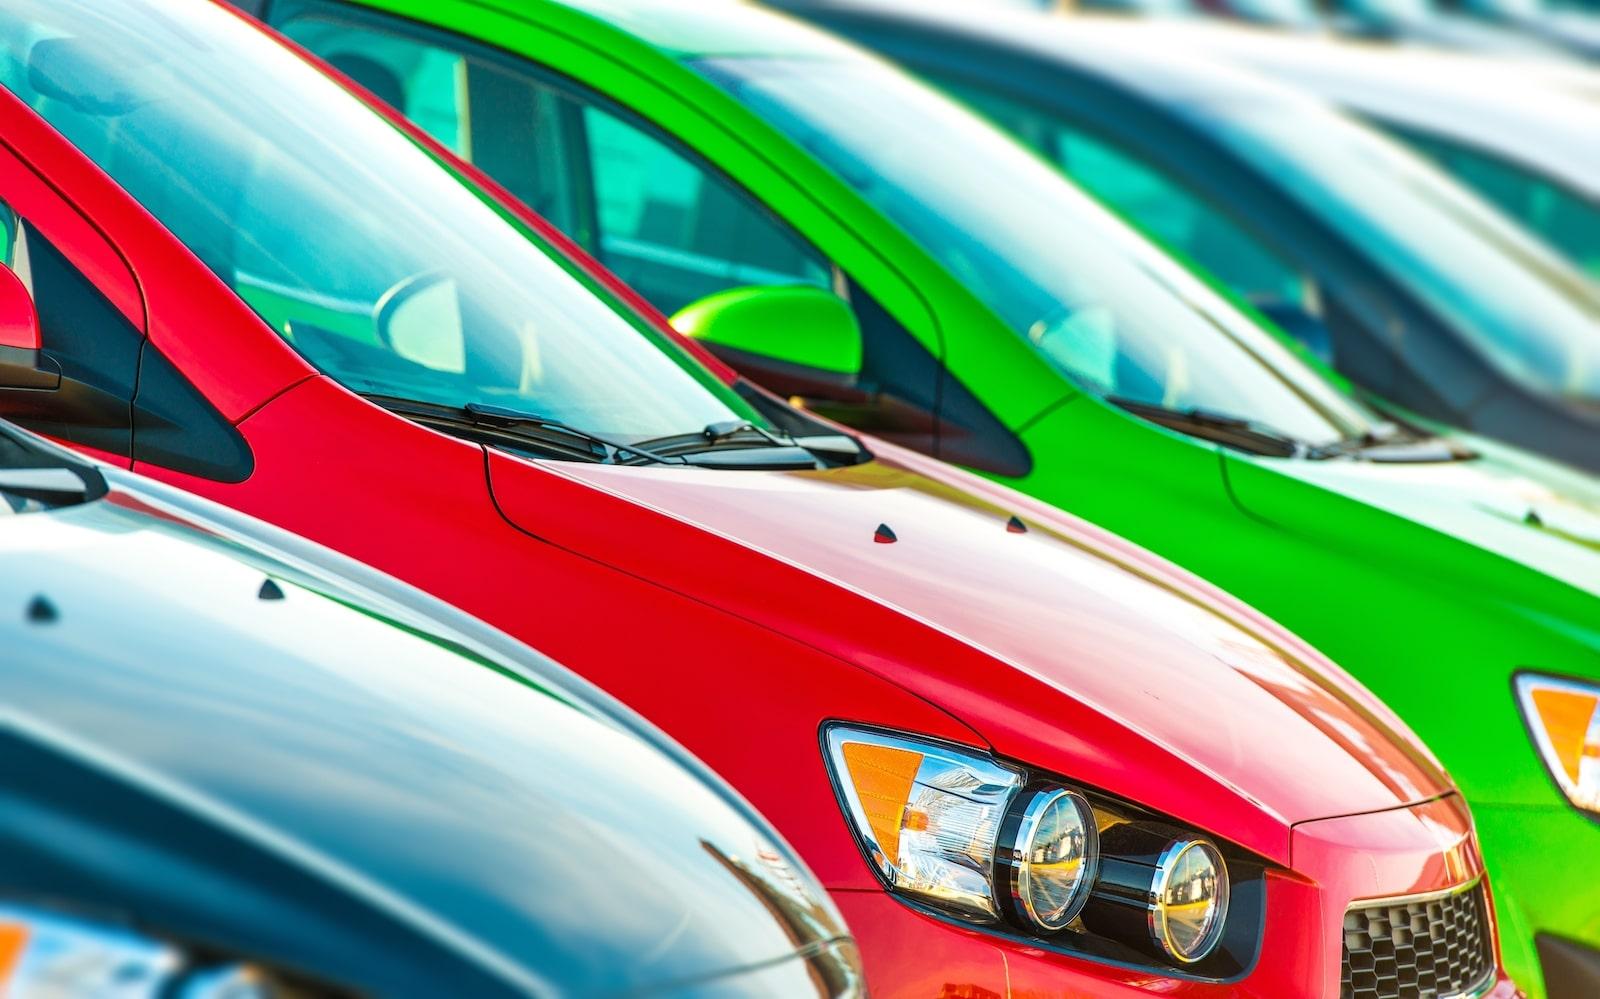 Most popular car color